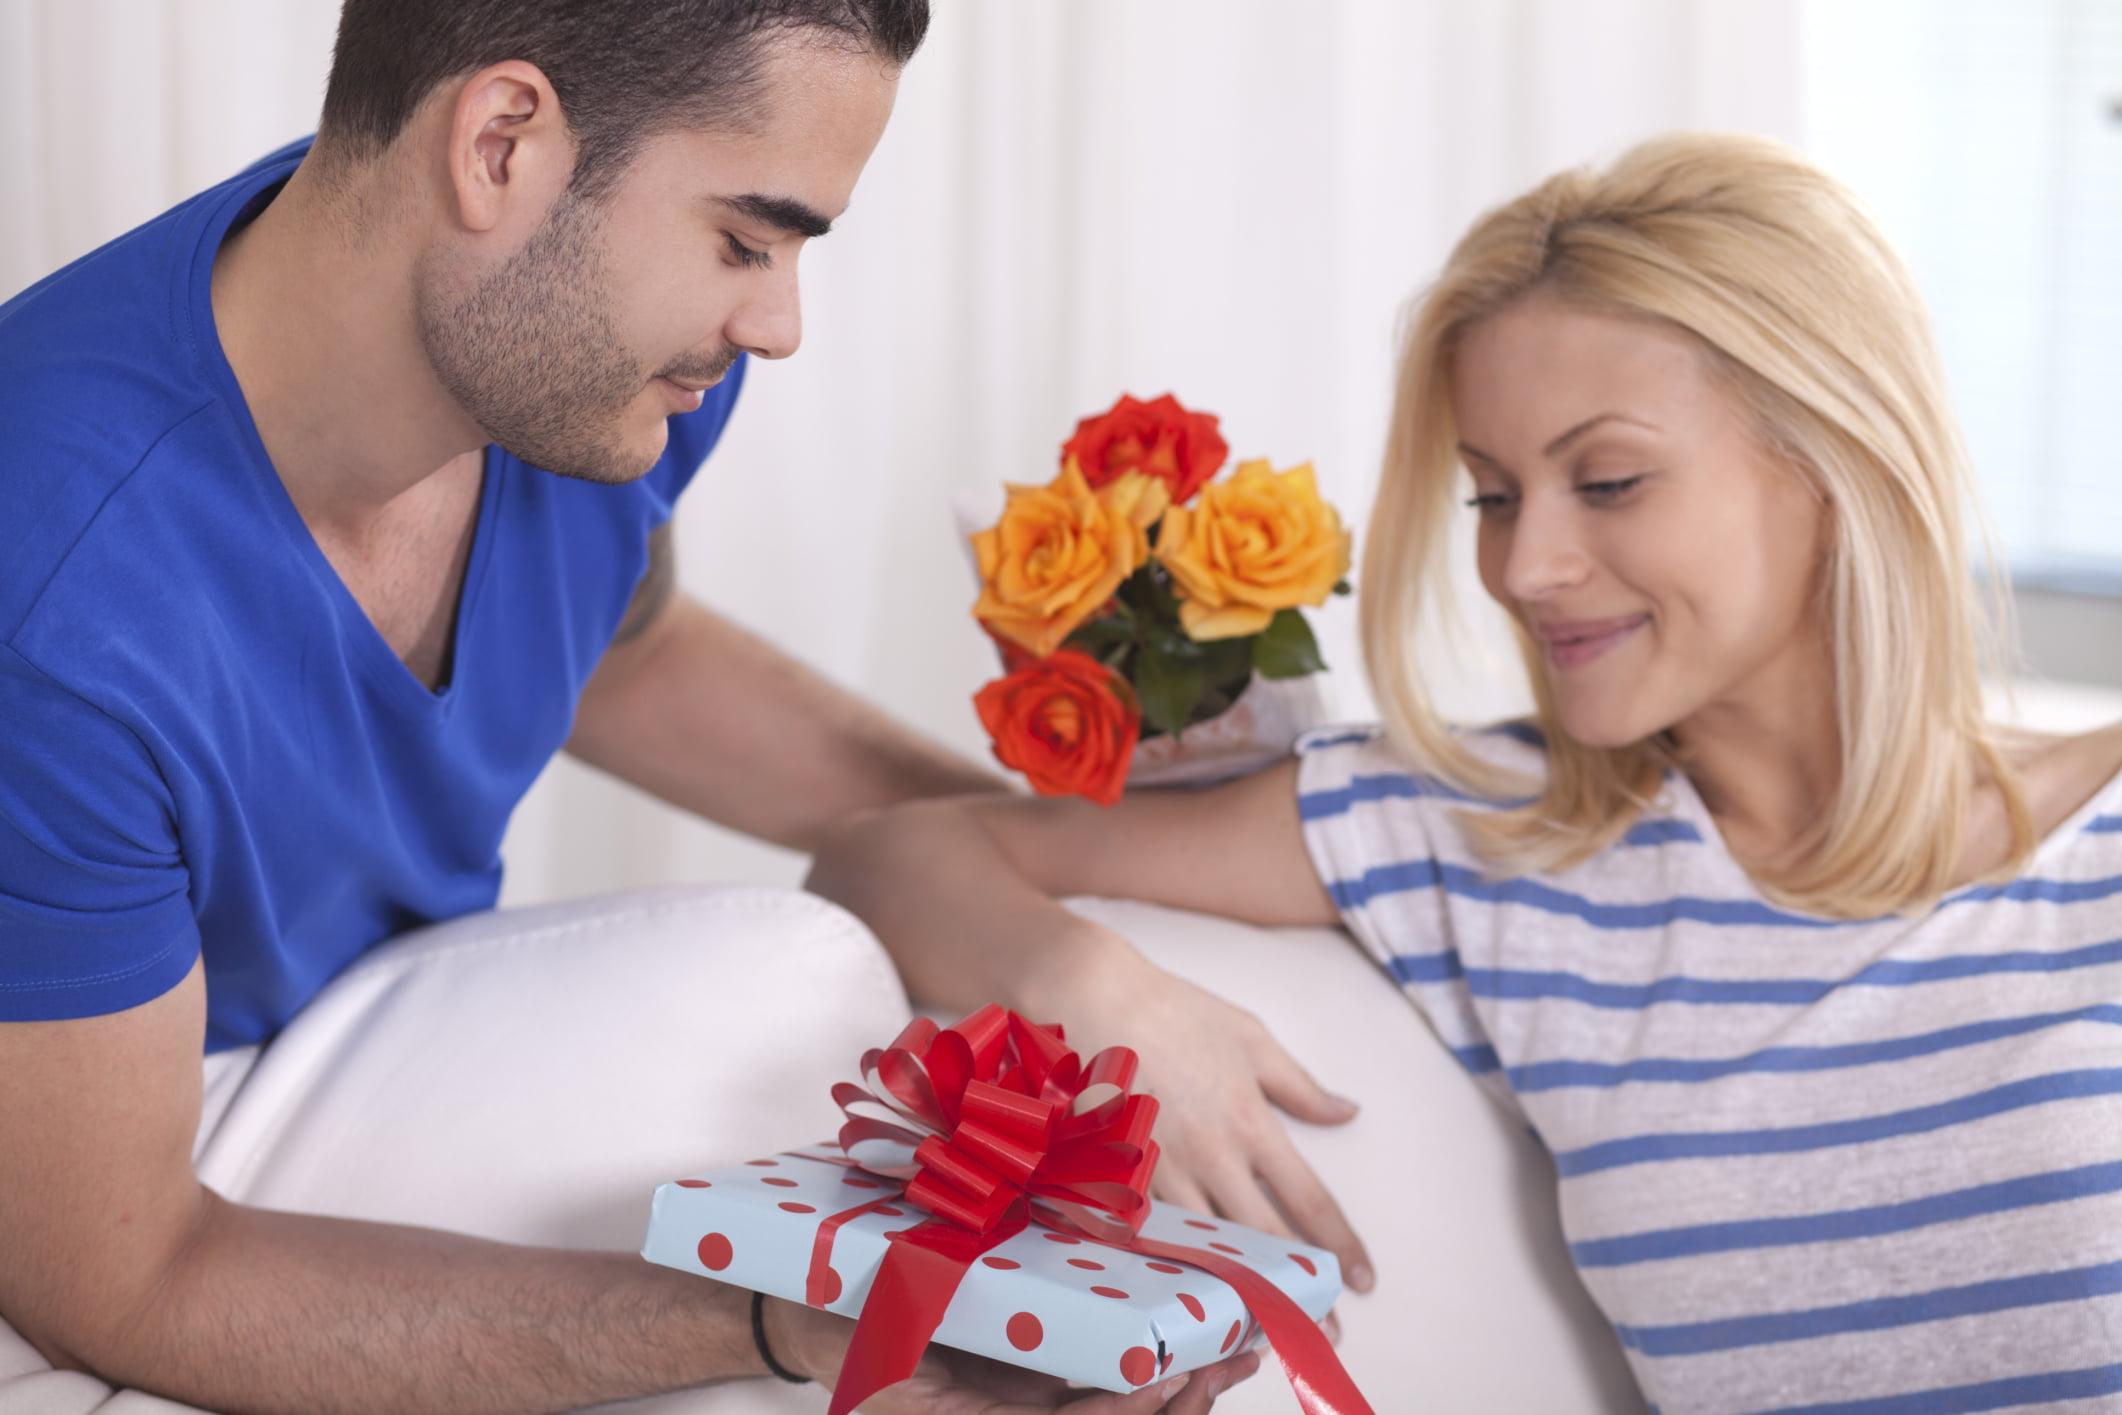 Ką padovanoti moteriai